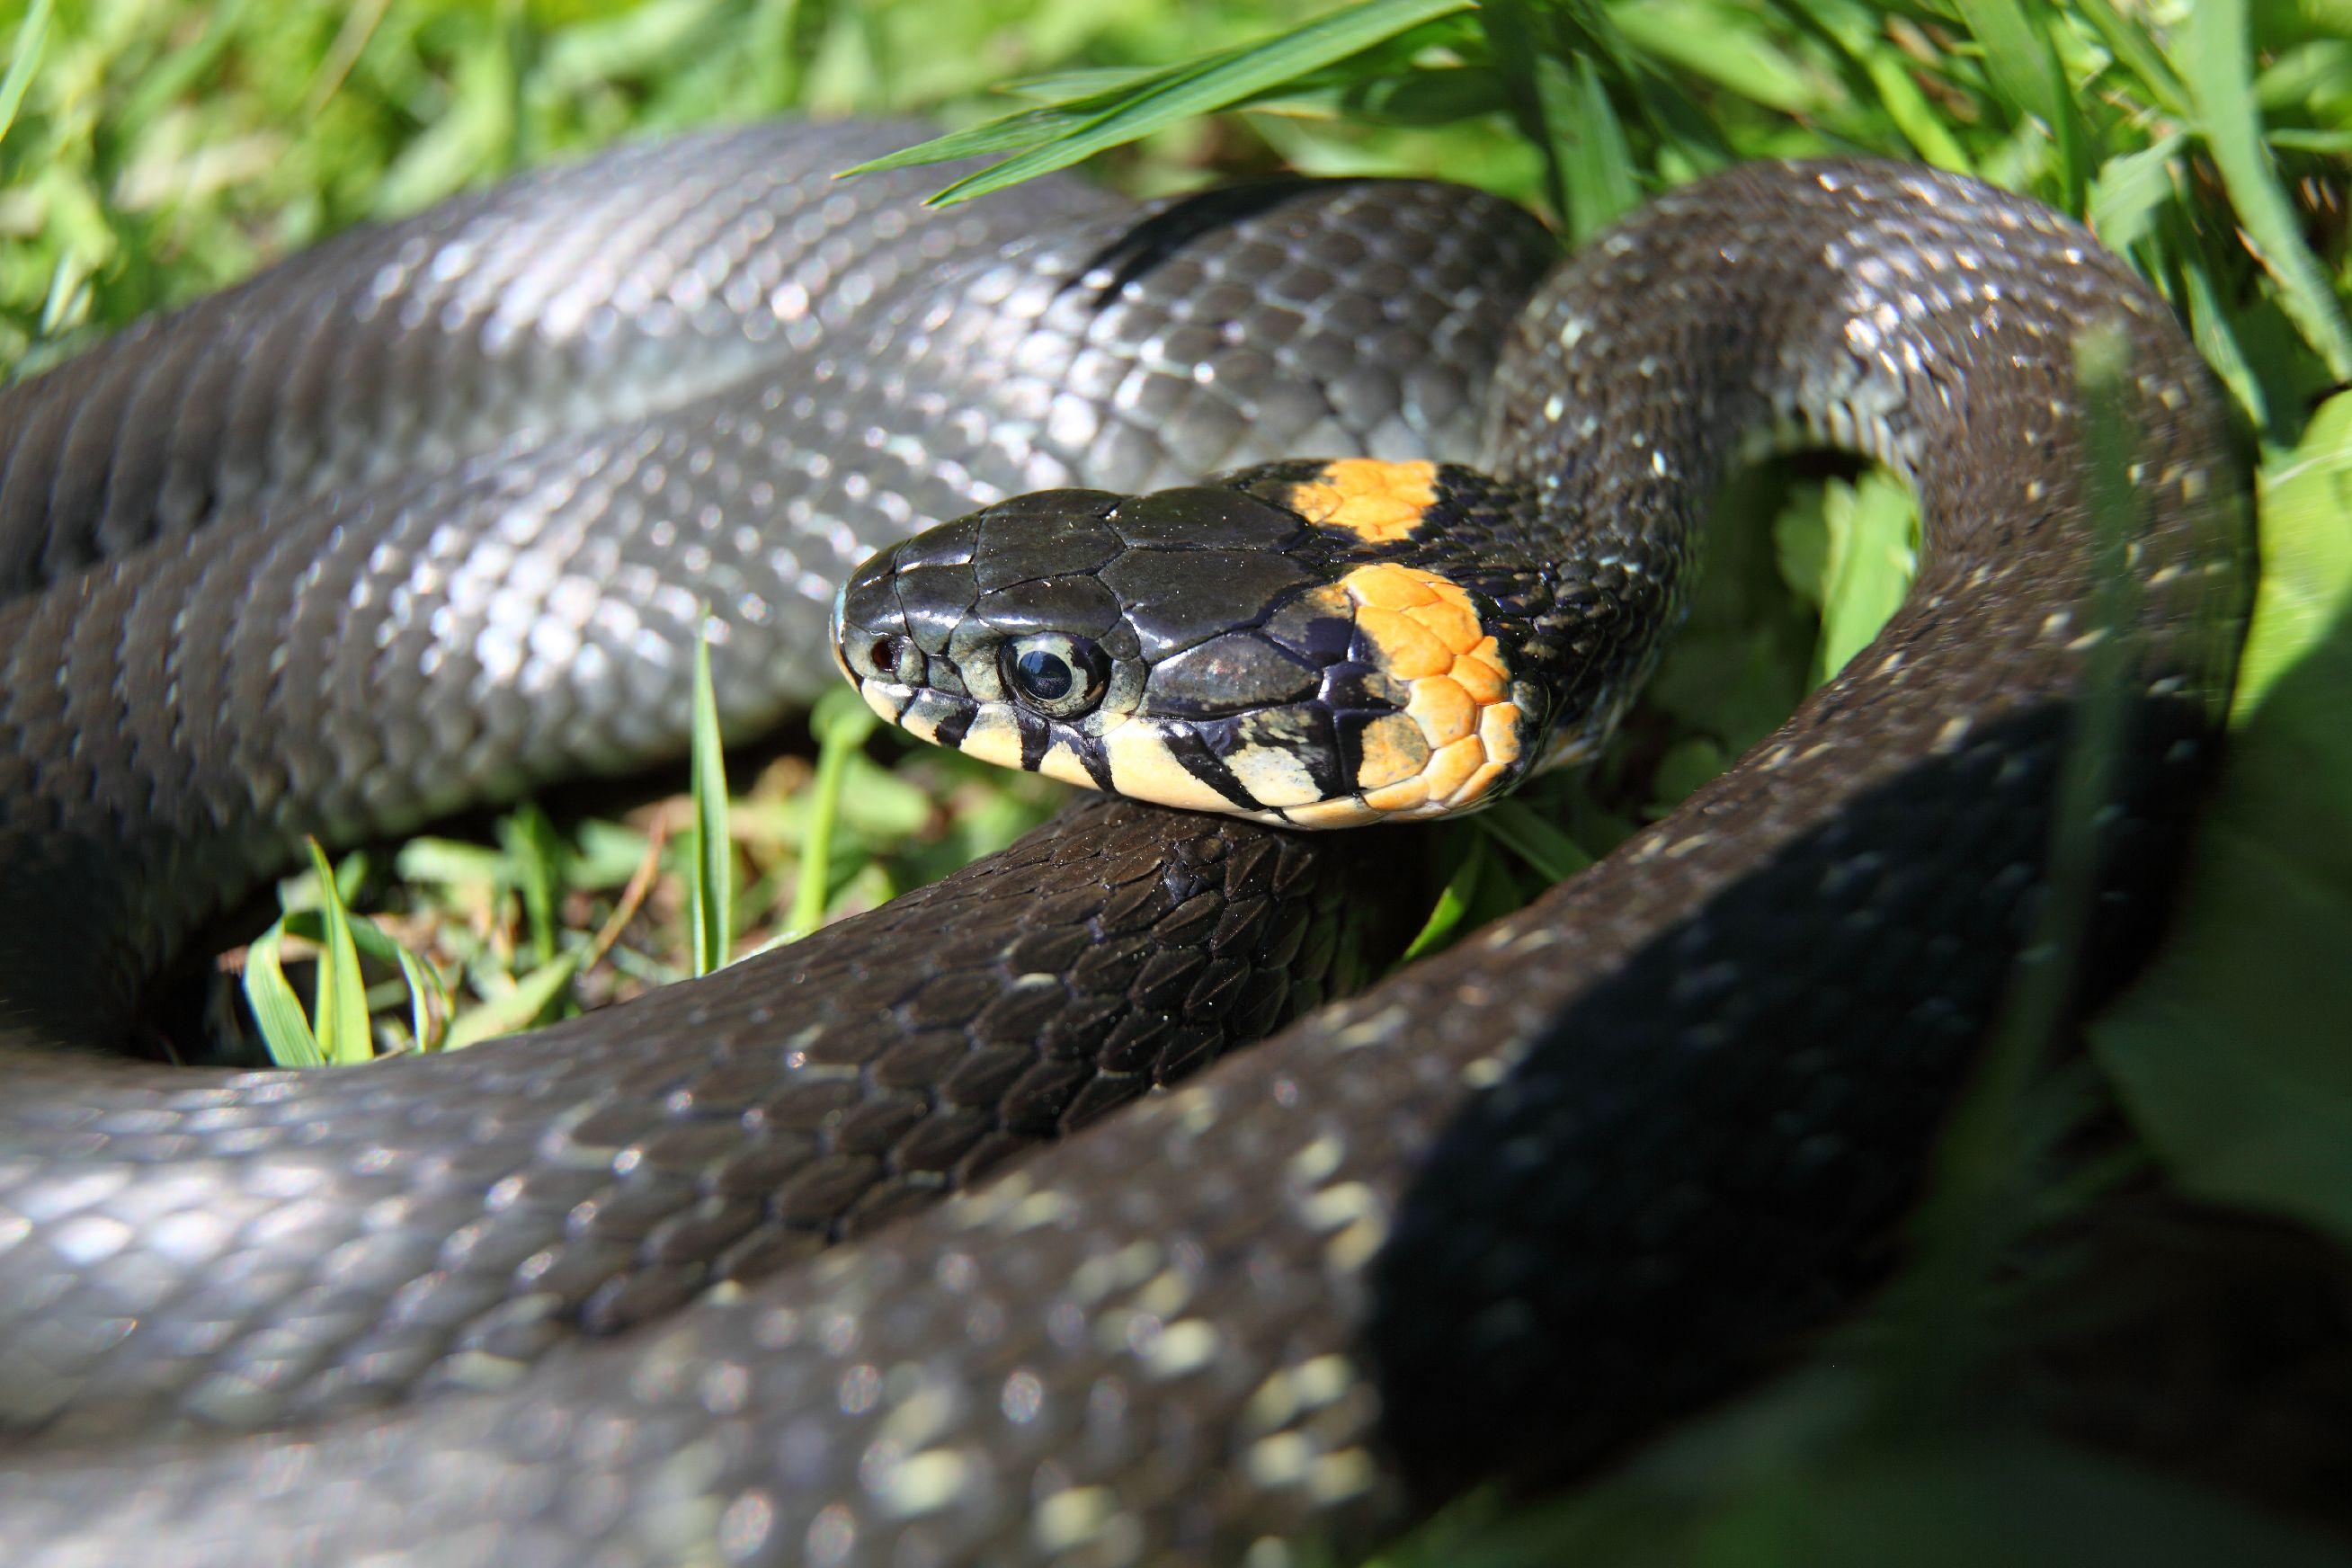 Каких змей и где можно встретить на территории РФ? Инфографика